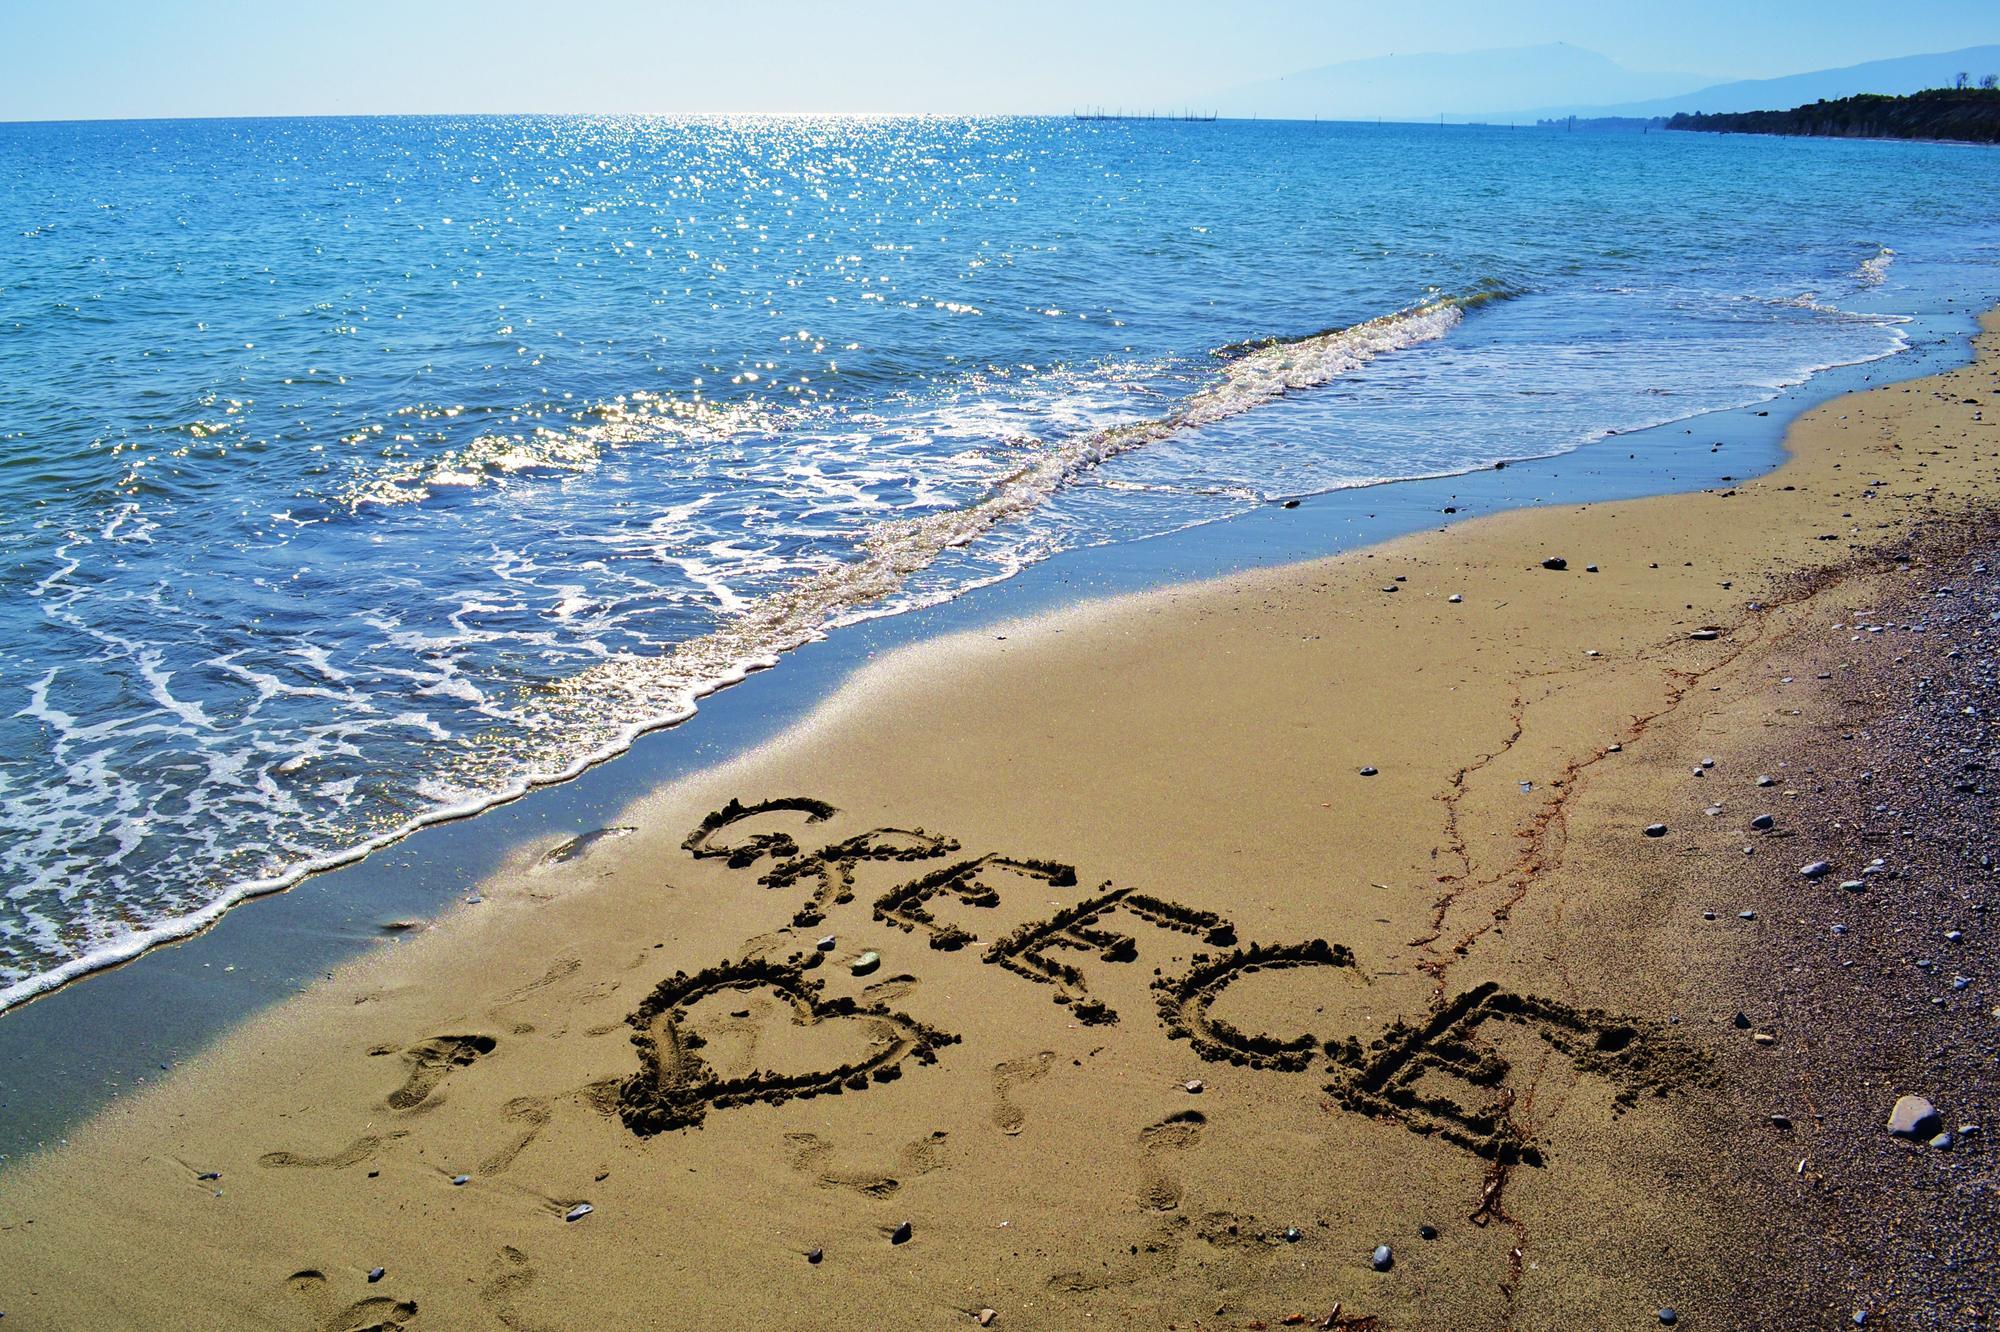 Отдых в Греции, когда лучше ехать, цены, отзывы, туры